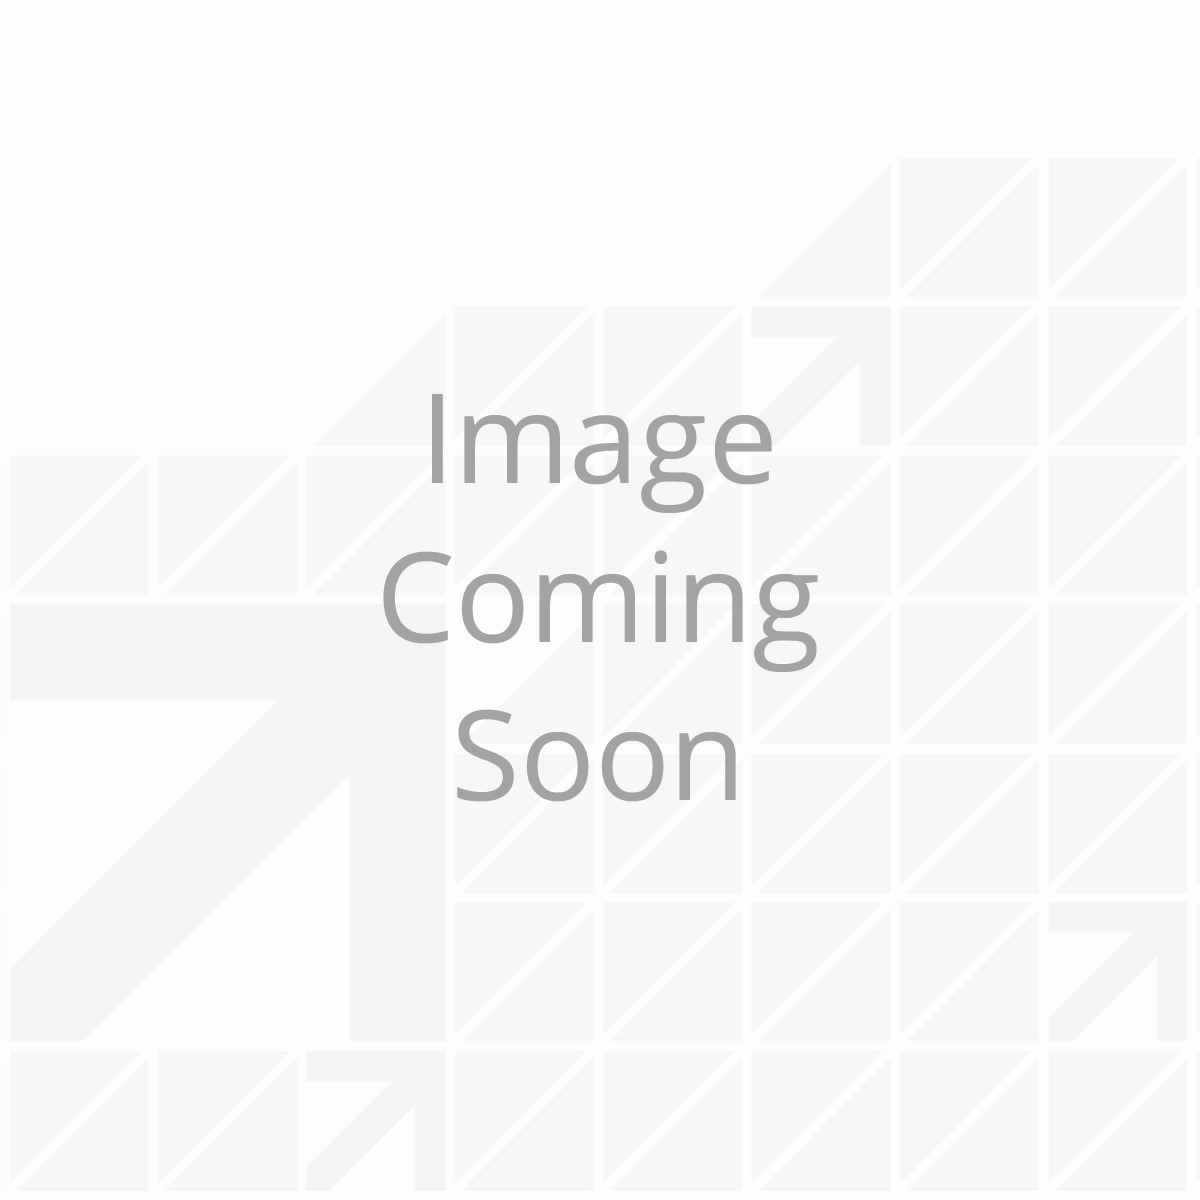 Plate 2.75 X 1.250 Stiffening Pad - Sjs-3009